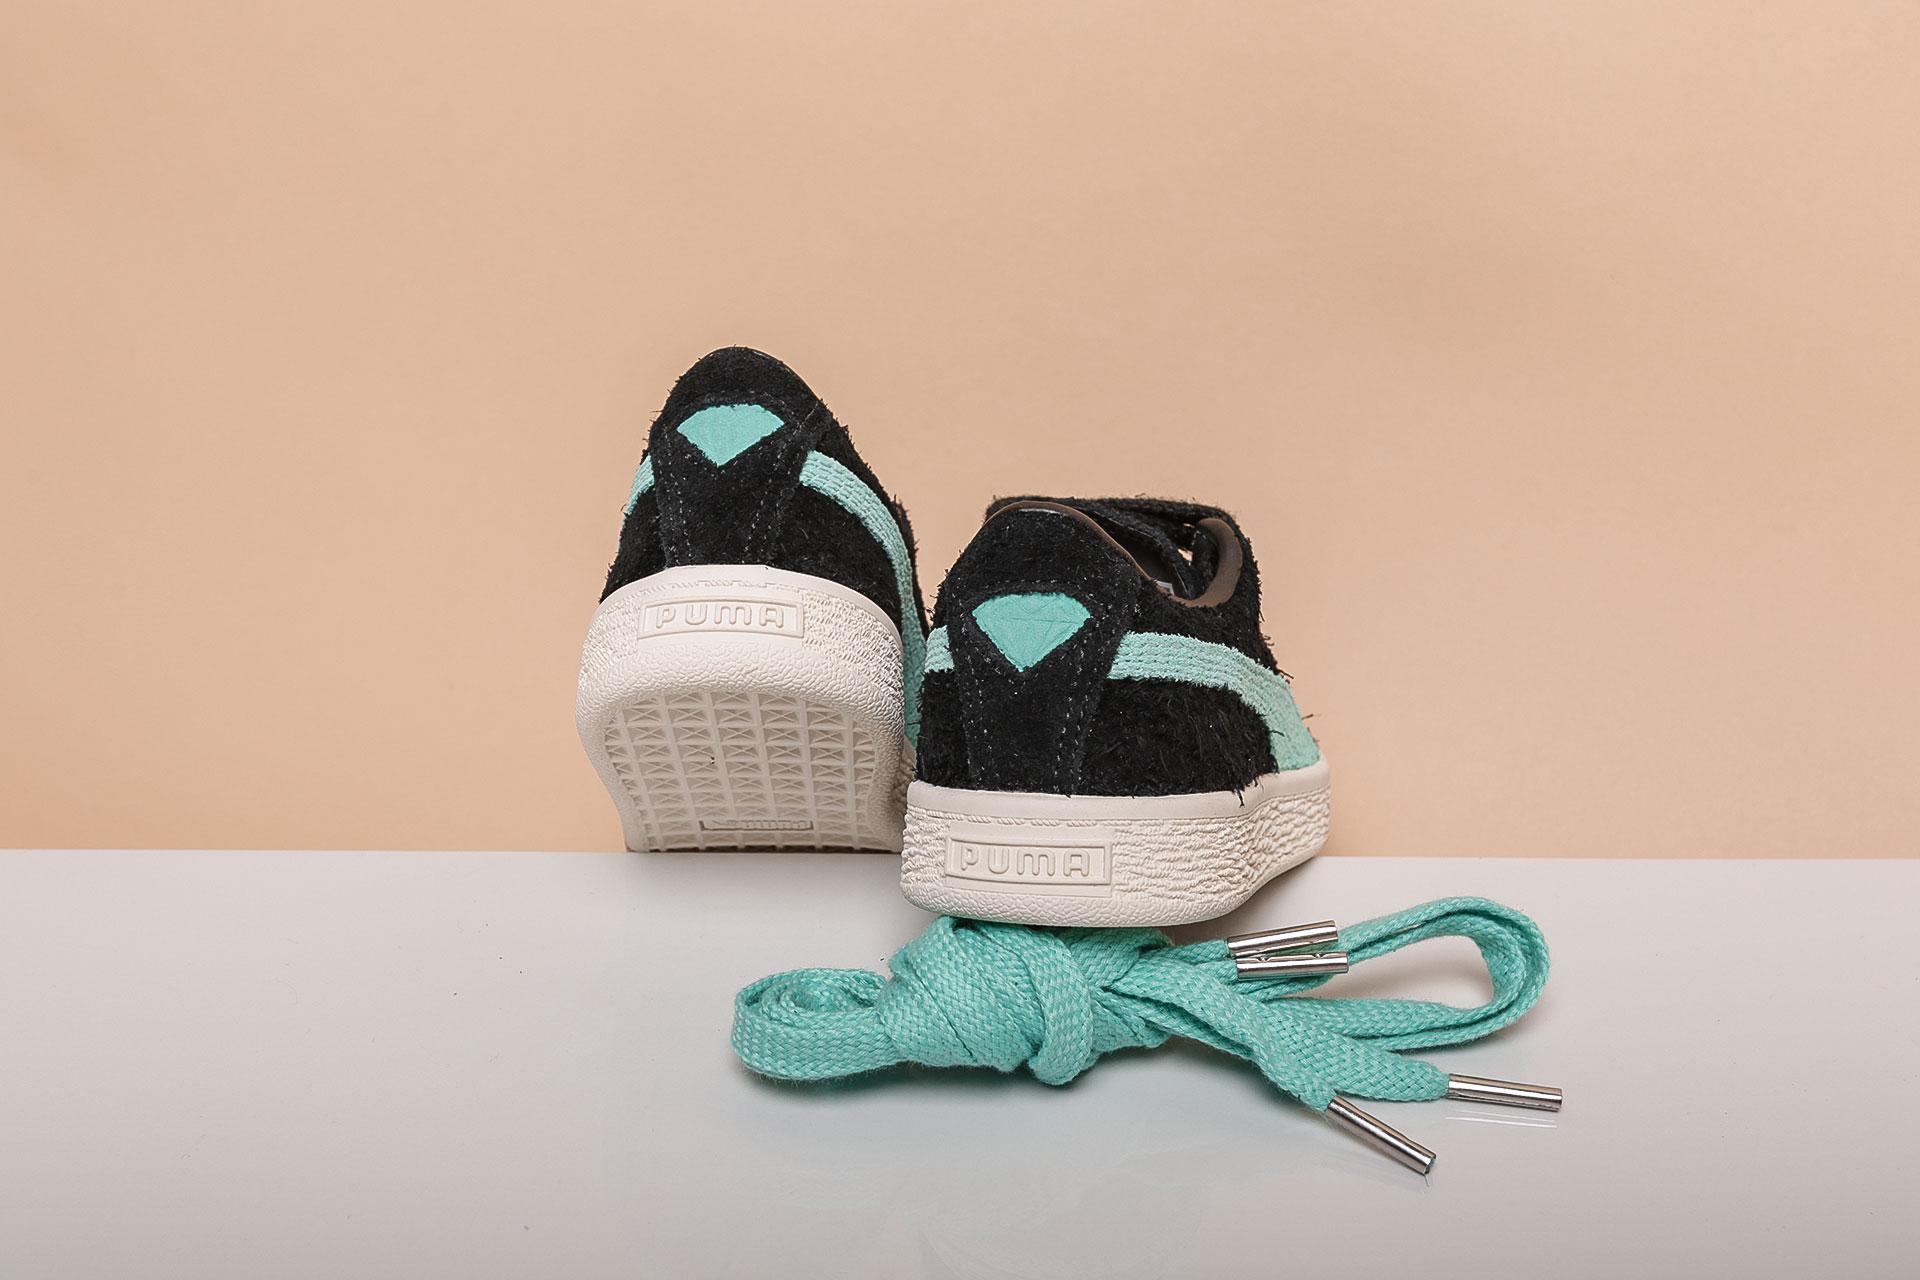 Купить черные детские кроссовки Suede Diamond PS от PUMA